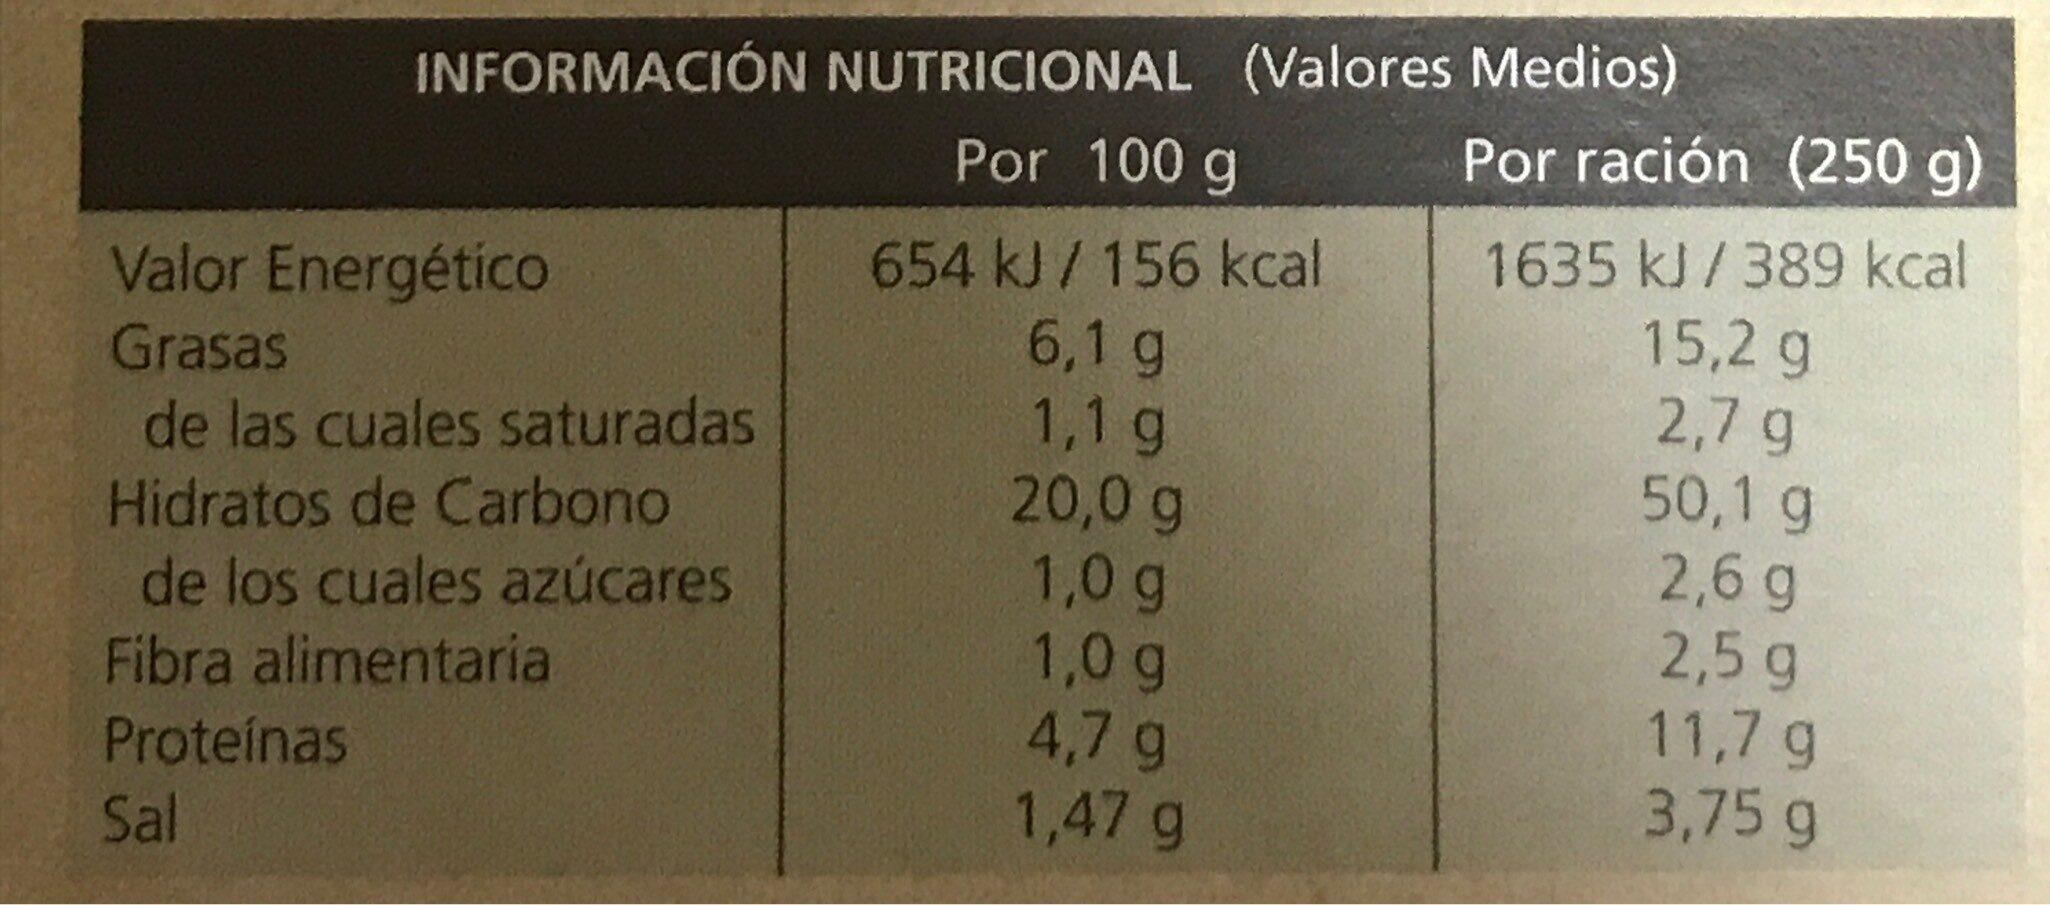 Arroz tres delicias sin gluten - Voedingswaarden - es